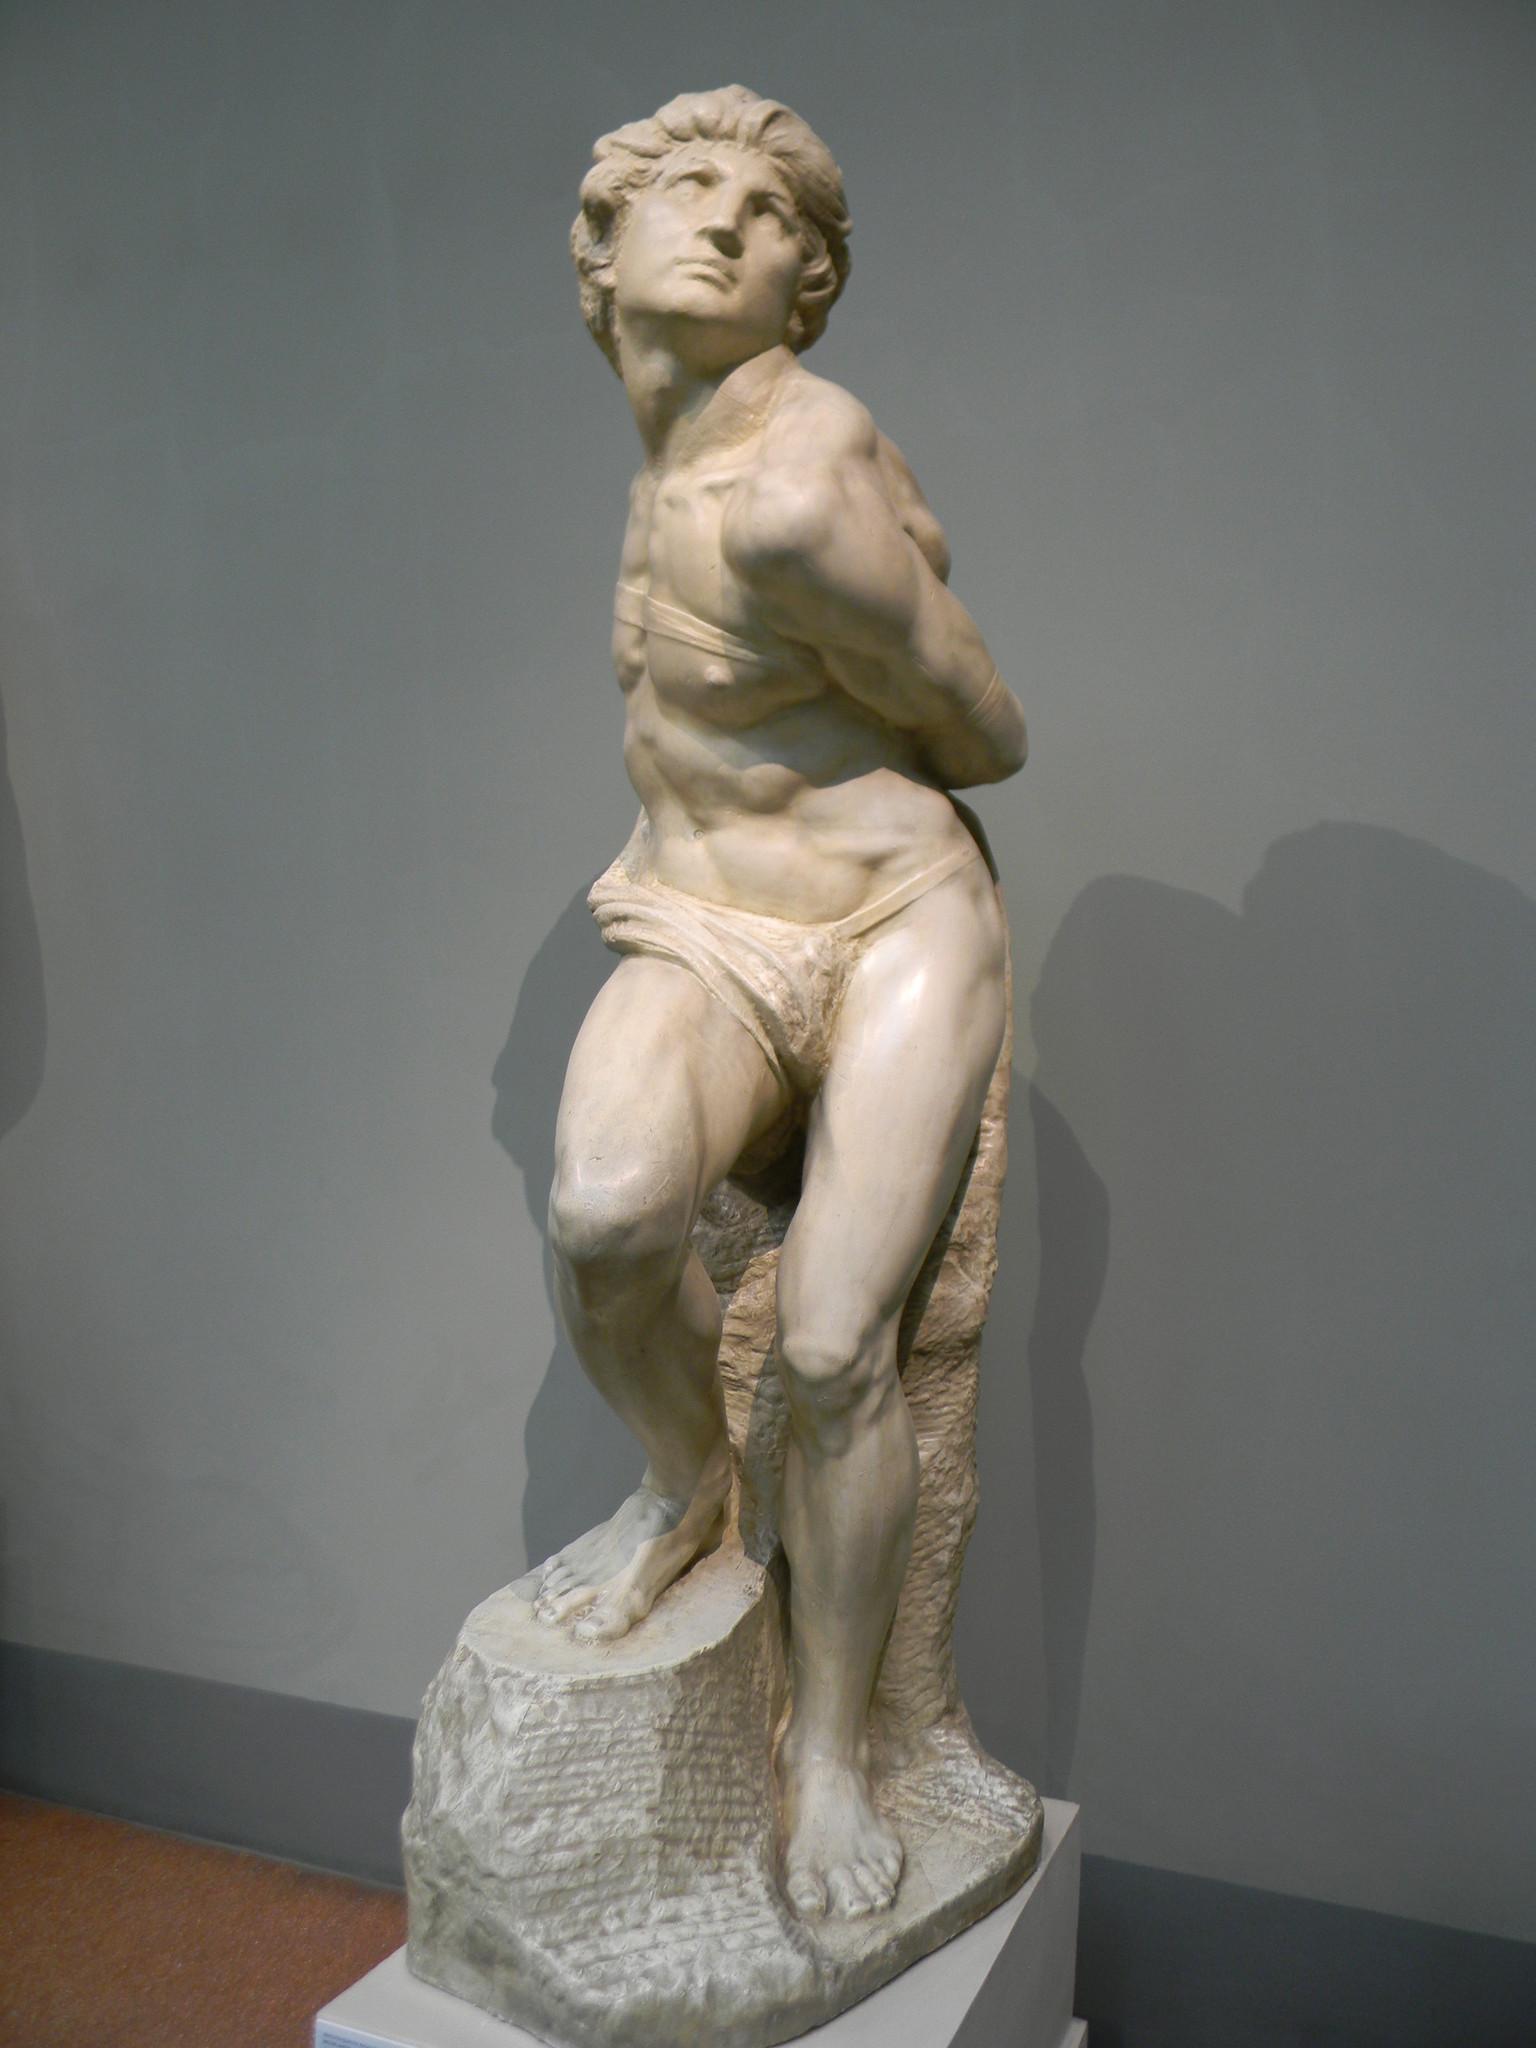 «Связанный раб». Микеланджело Буонарроти. Слепок. Подлинник - мрамор. Лувр, Париж, Франция